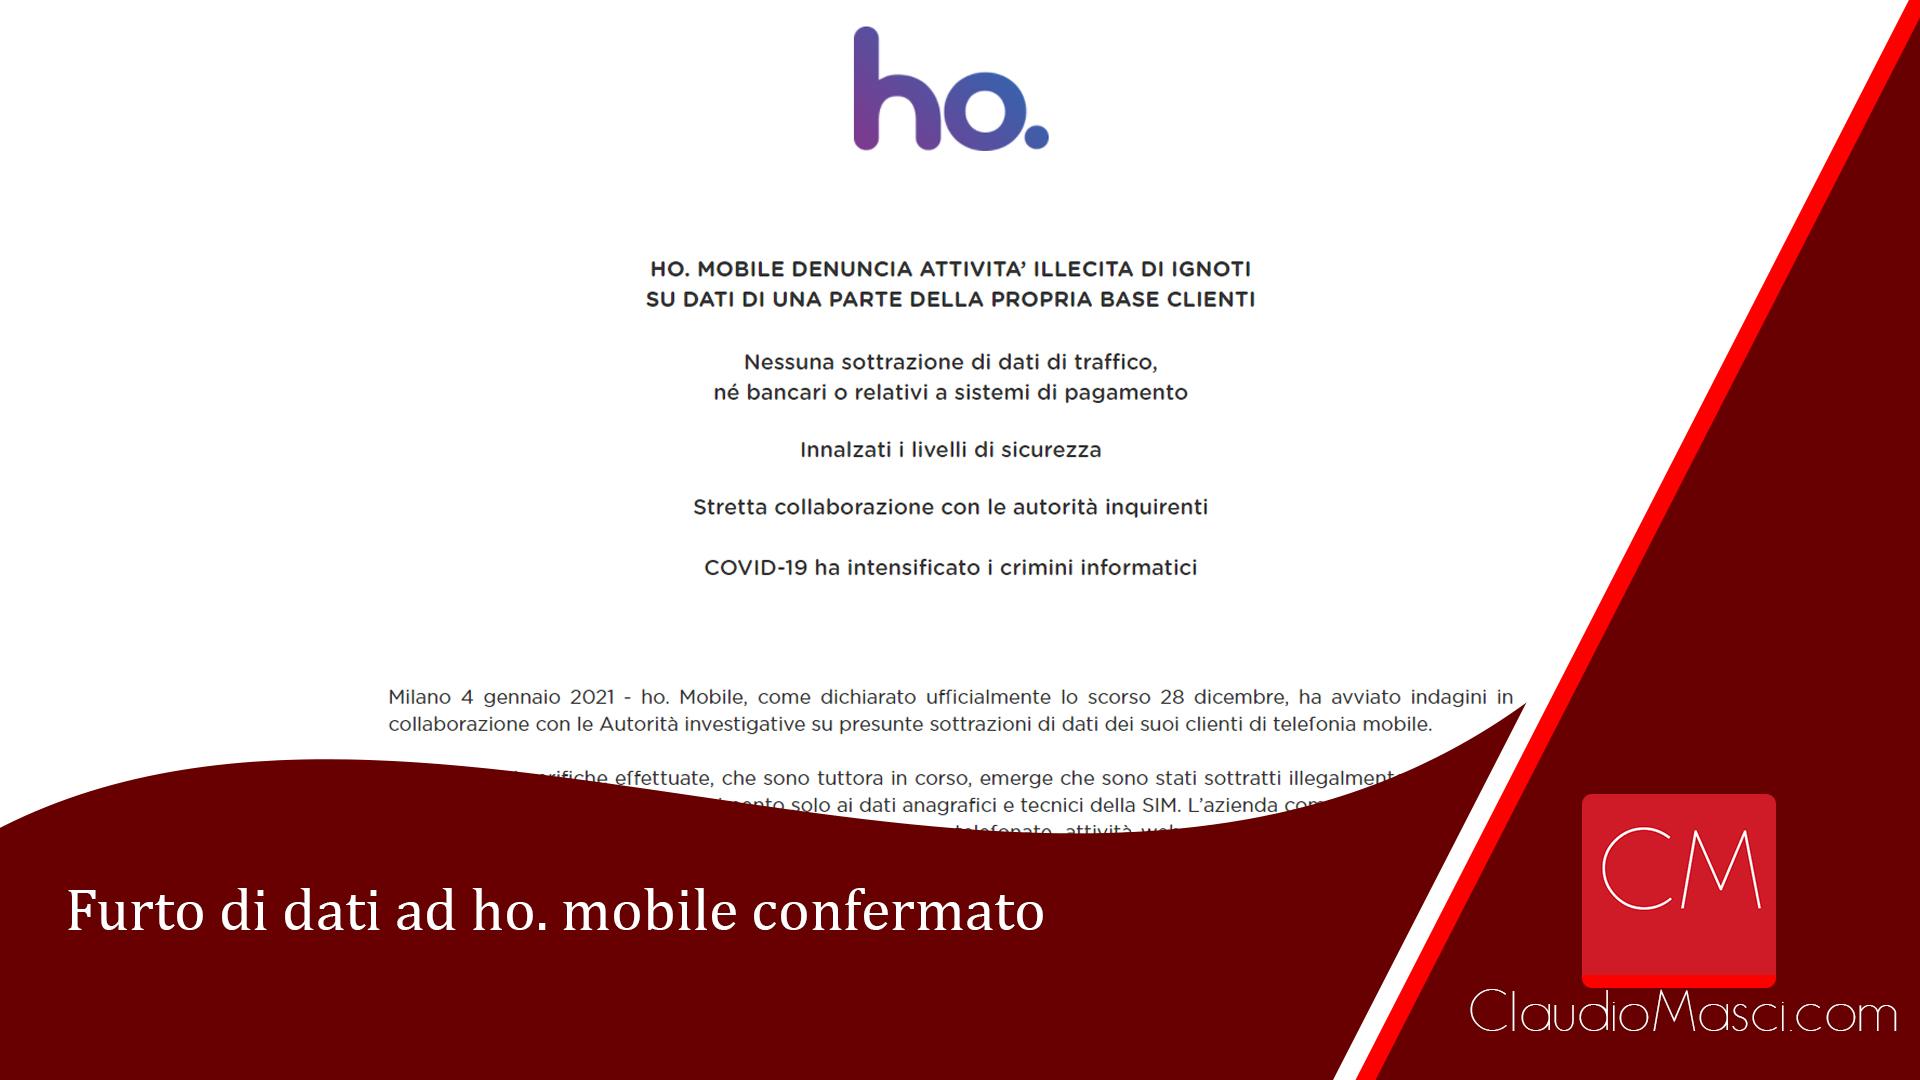 Furto di dati ad ho. mobile confermato